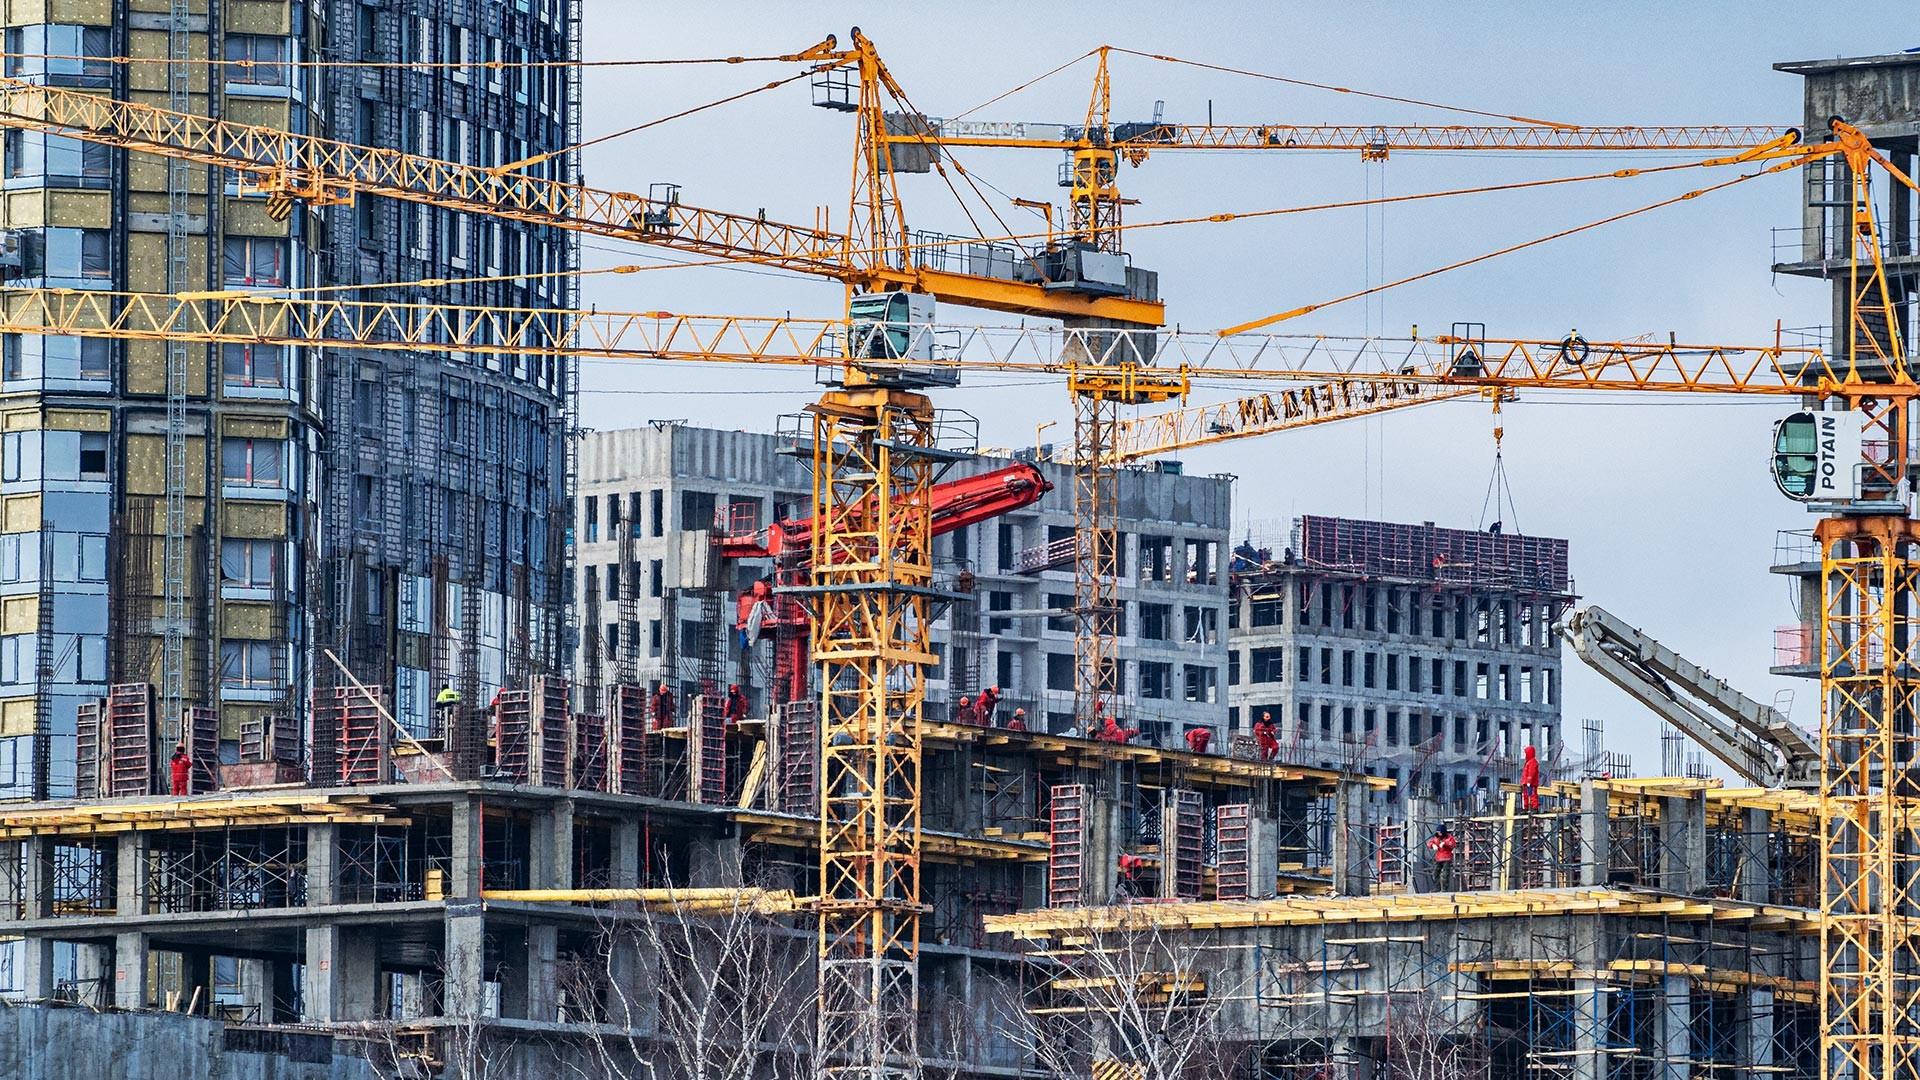 Nuovo quartiere residenziale in costruzione a Mosca